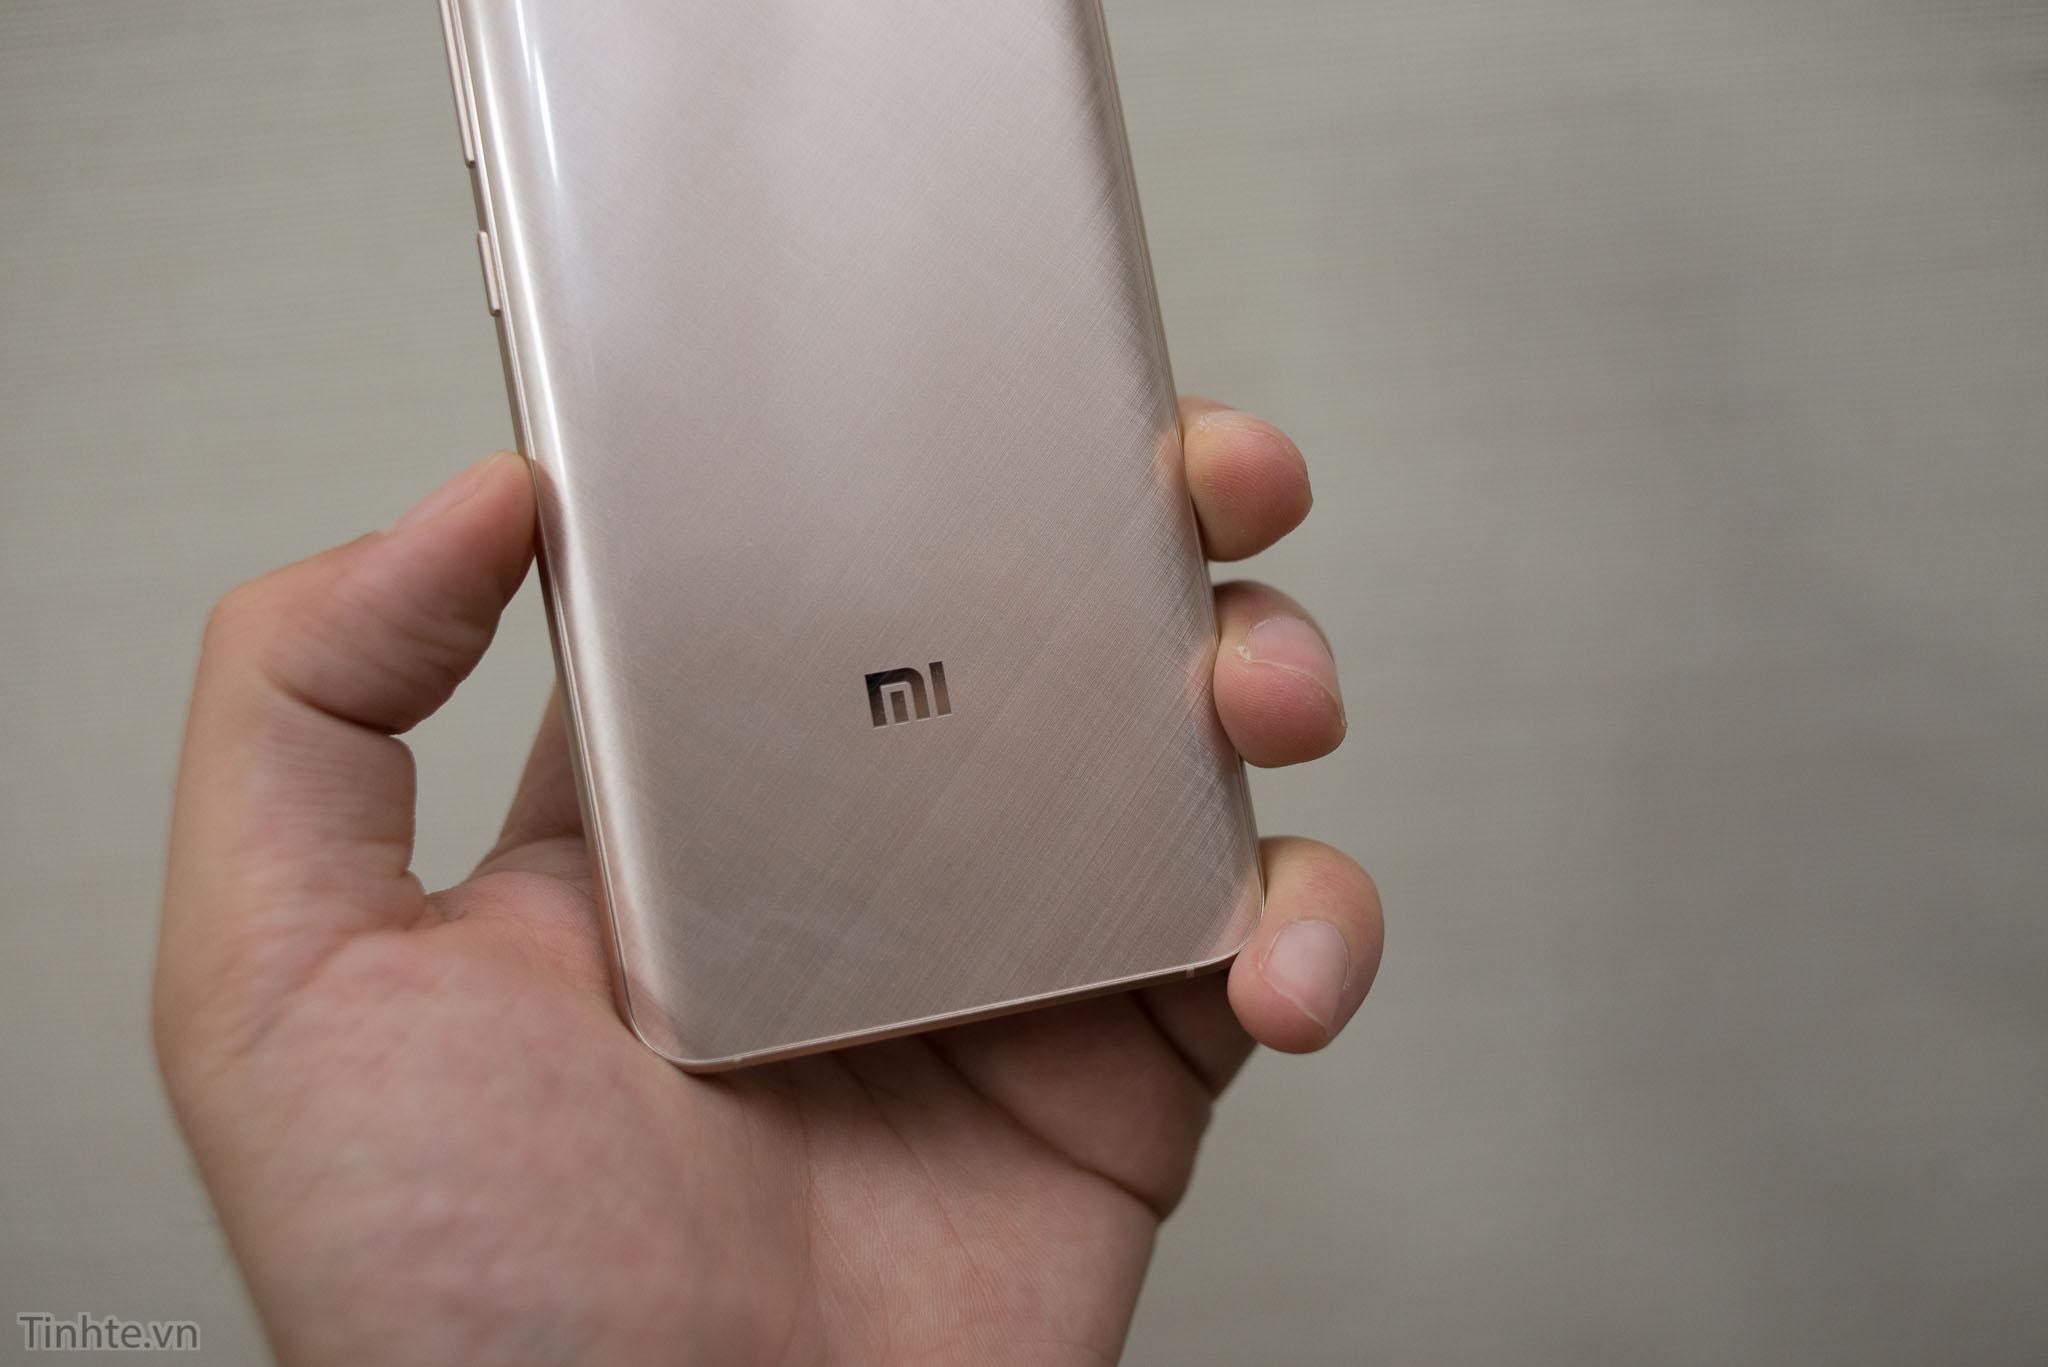 Xiaomi_Mi5_chinh_hang_tren_tay_tinhte.vn-8.jpg